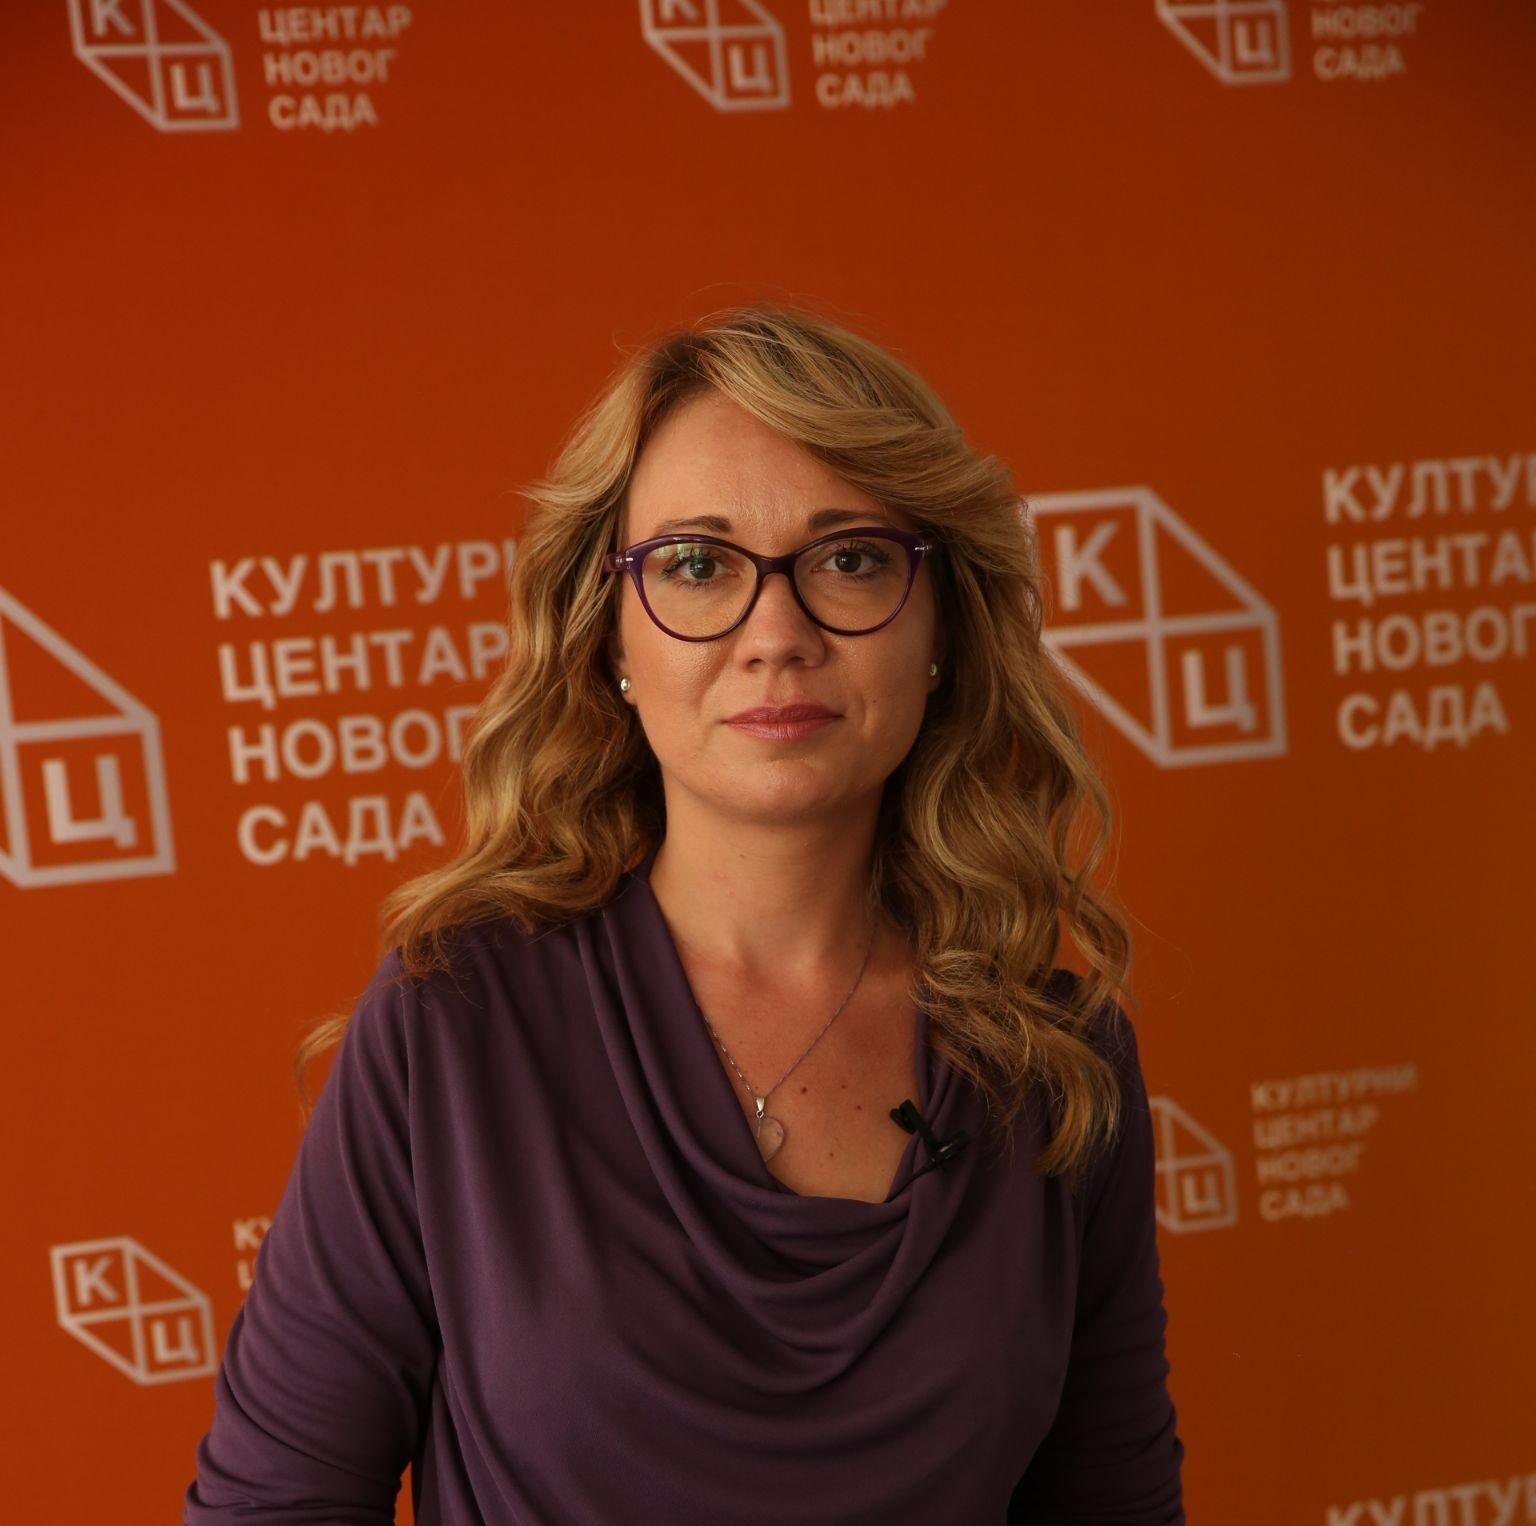 """Предавање Миреле Лончар на тему """"Активности Организације исламске сарадње у циљу ширења Уме: случај такозваног Косова"""" на Јутјуб каналу КЦНС"""